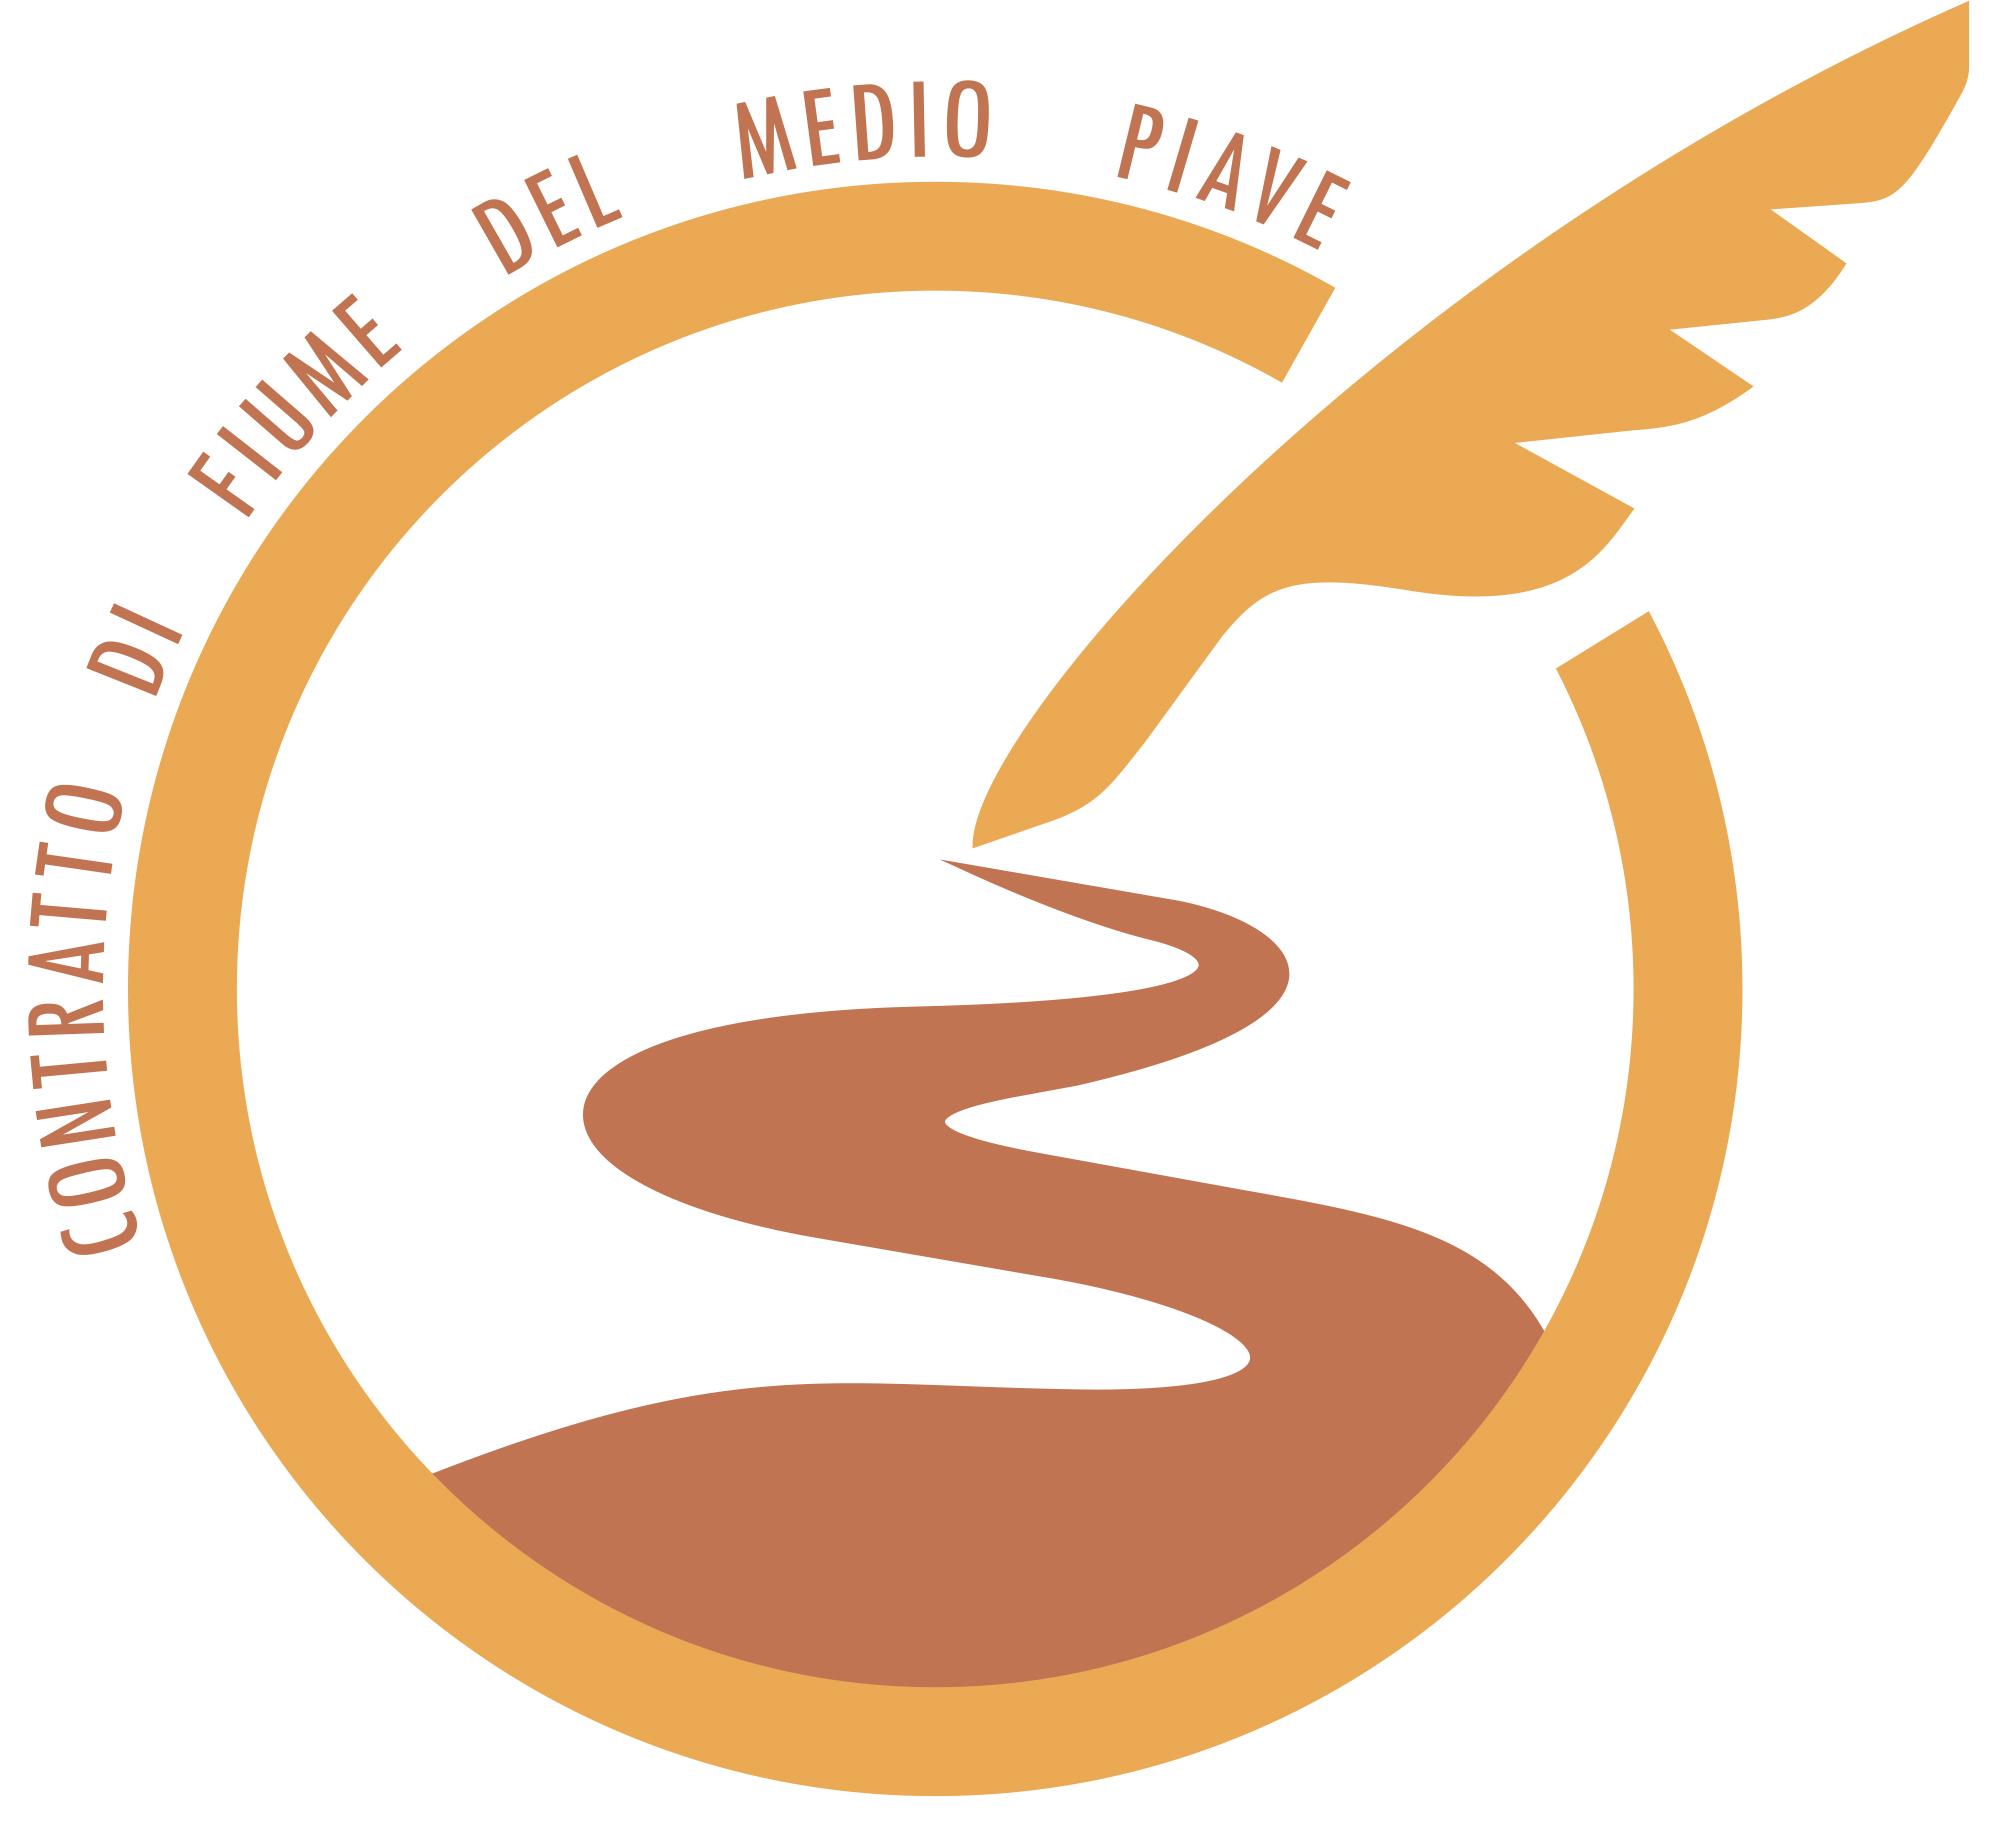 Logo-medio-Piave